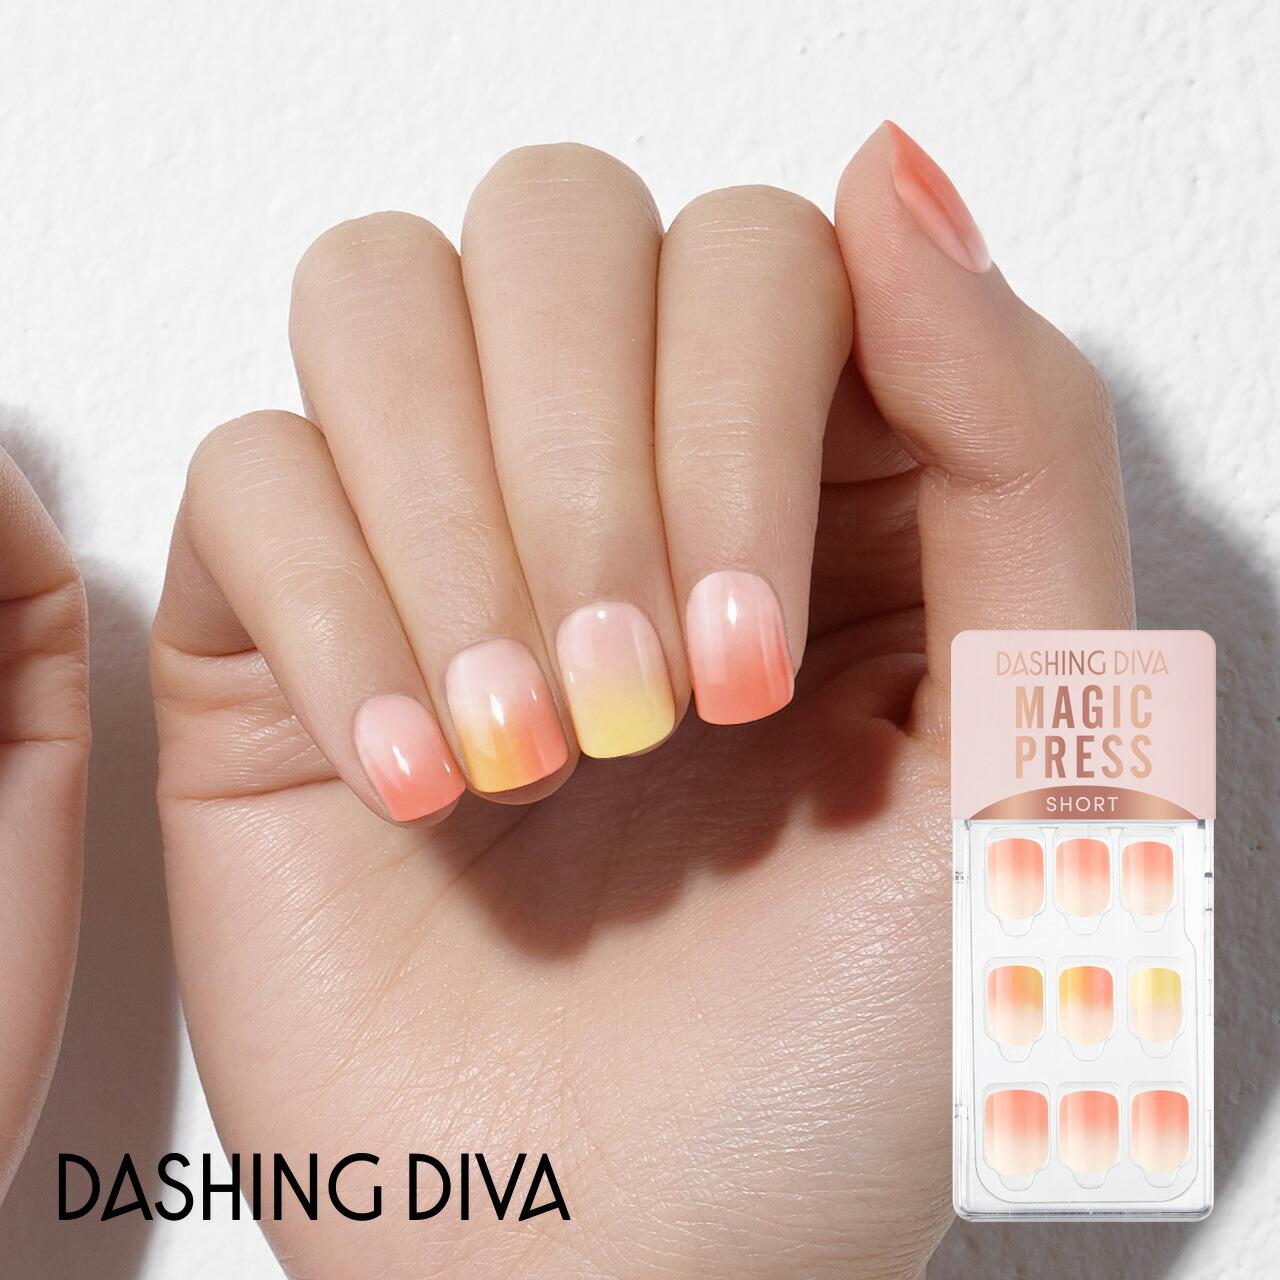 ダッシングディバマジックプレス/Coral Peach Ade